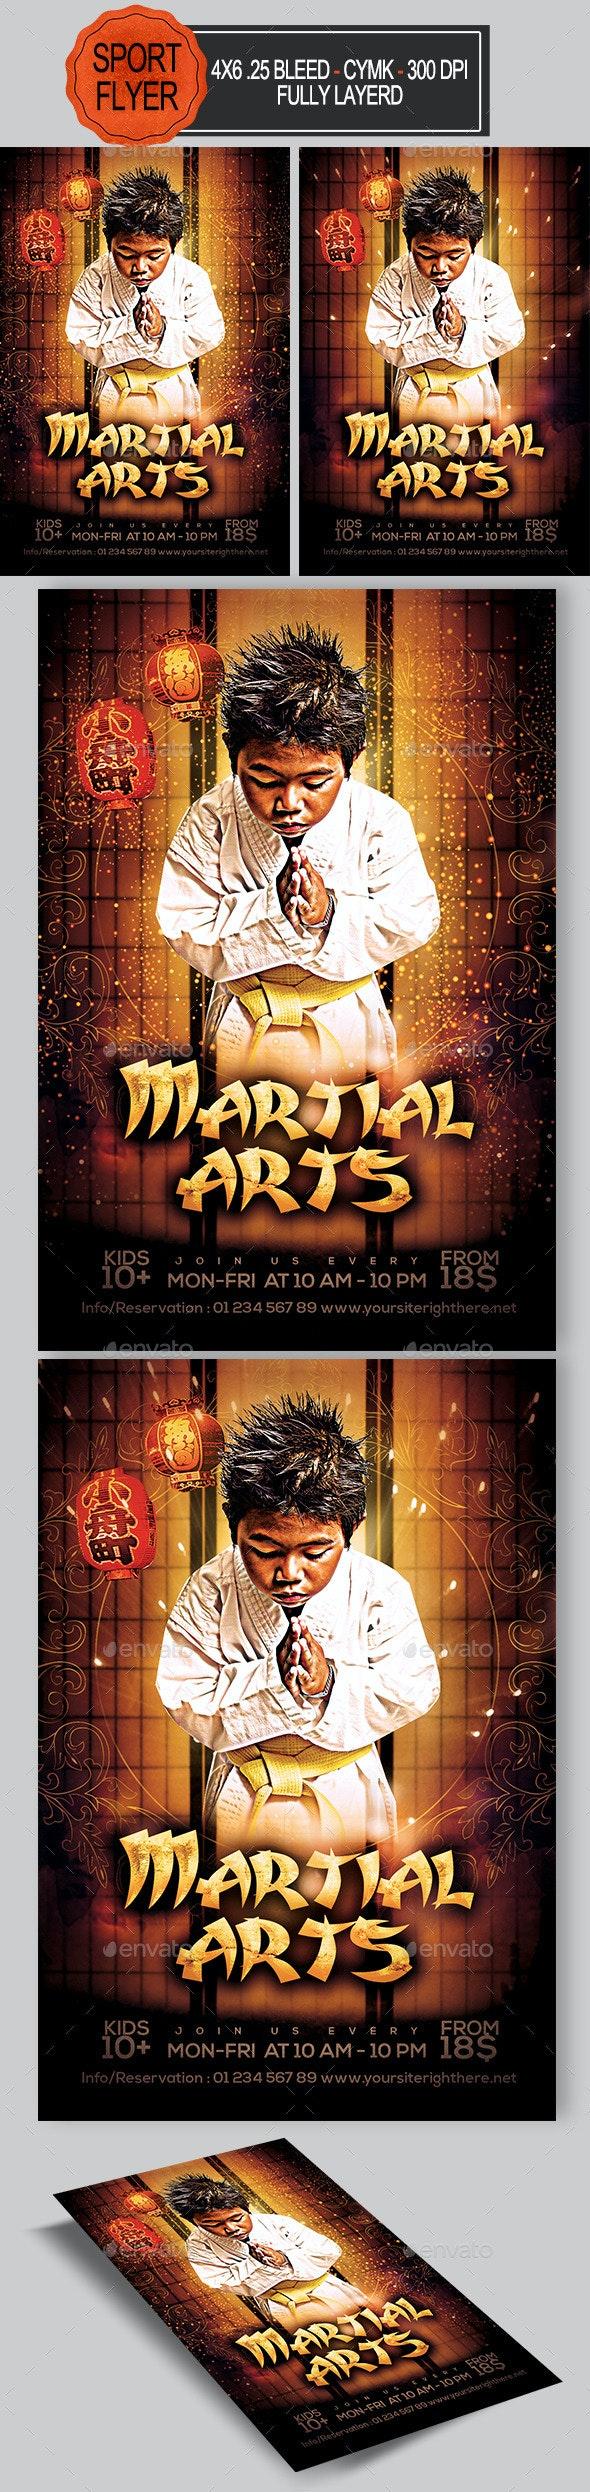 Martial Arts Flyer - Sports Events